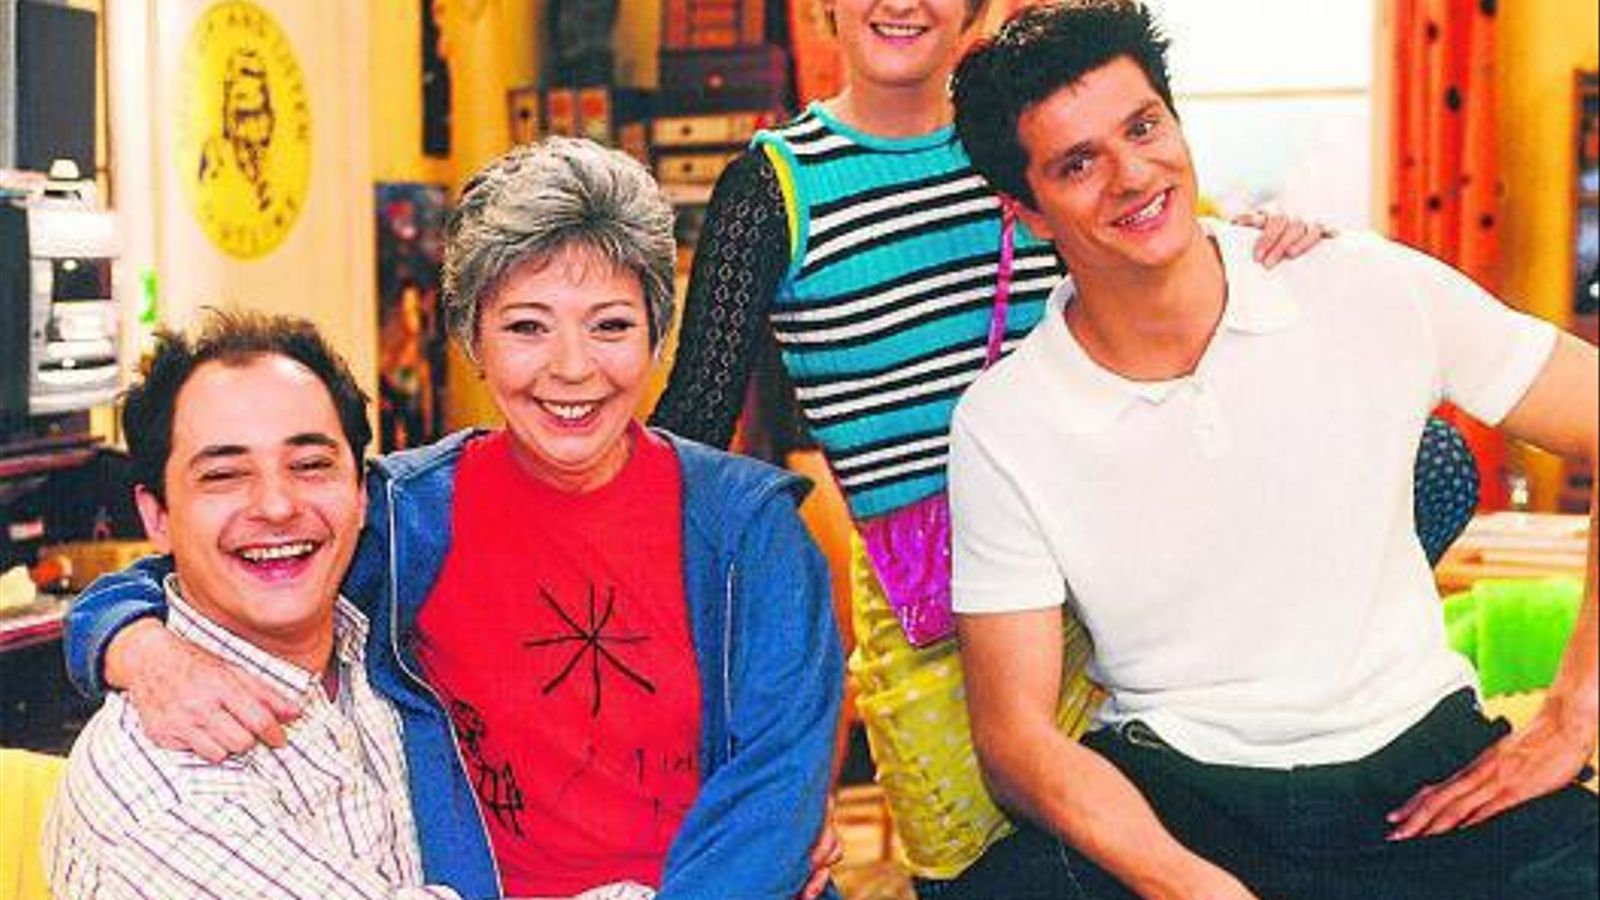 Els protagonistes El Lopes (Jordi Sànchez), la Carbonell (Anna Maria Barbany), l'Emma (Mònica Glaenzel) i el David (Joel Joan) són els quatre personatges principals de la sèriePlats bruts.